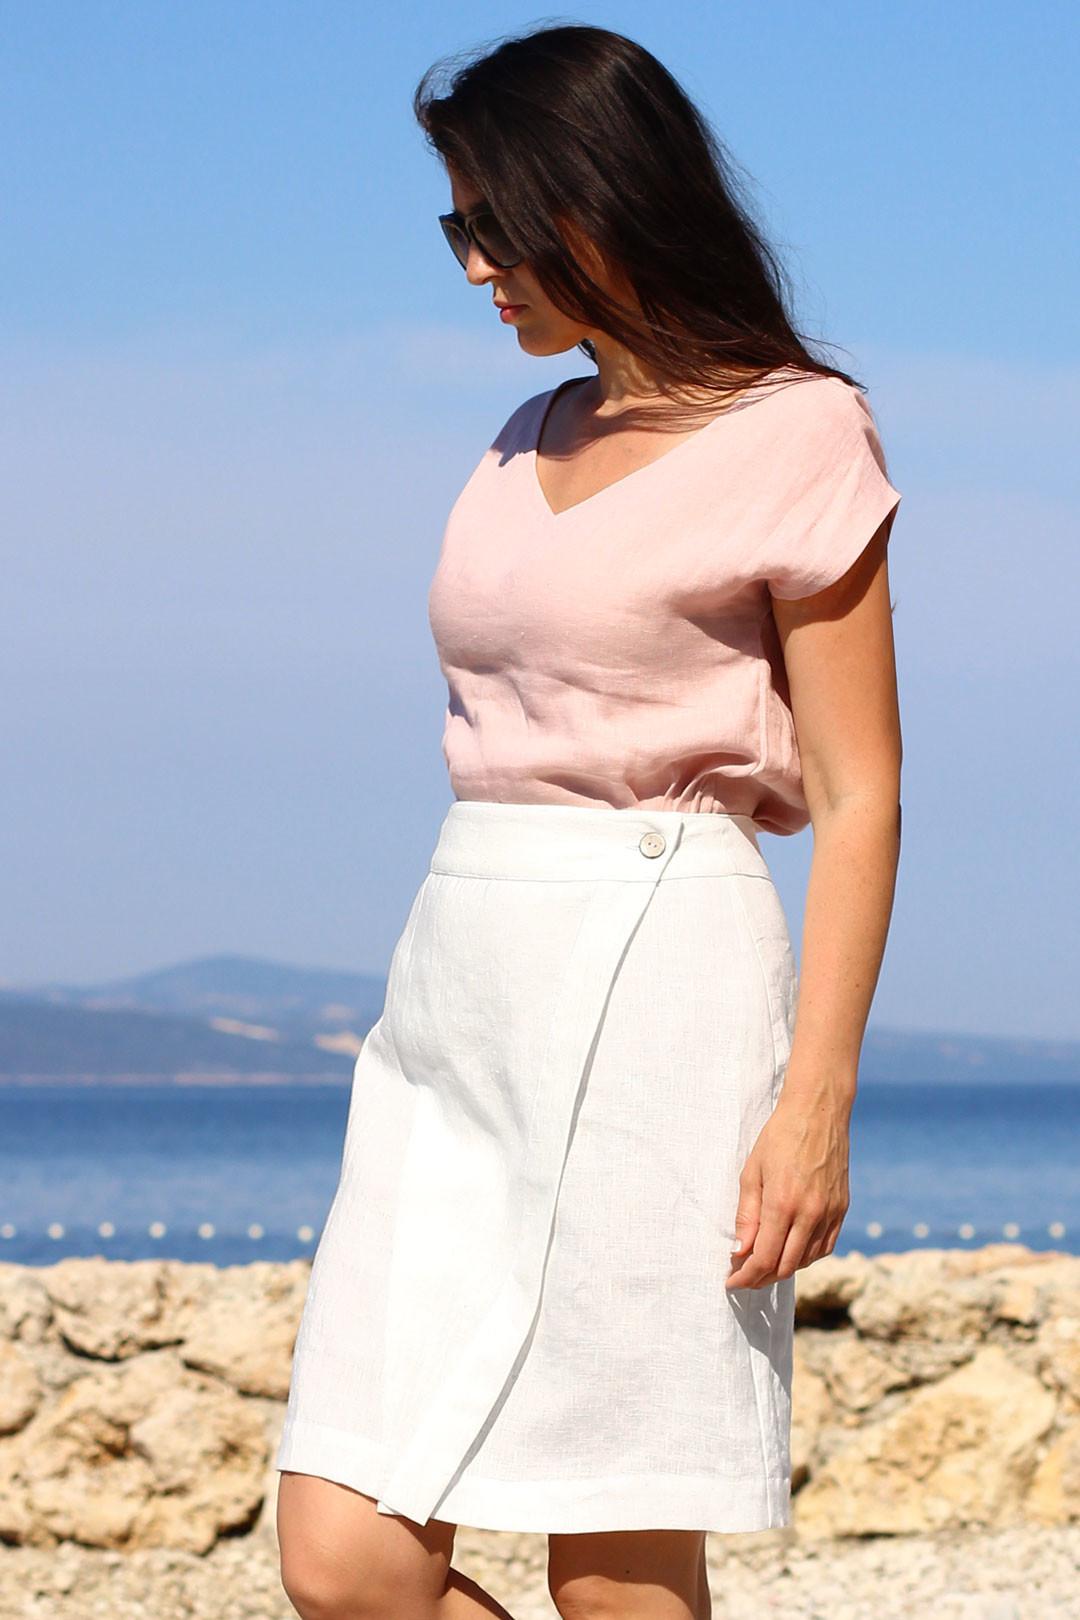 Lotika Lněná zavinovací česká sukně Lotika Premium quality 705708